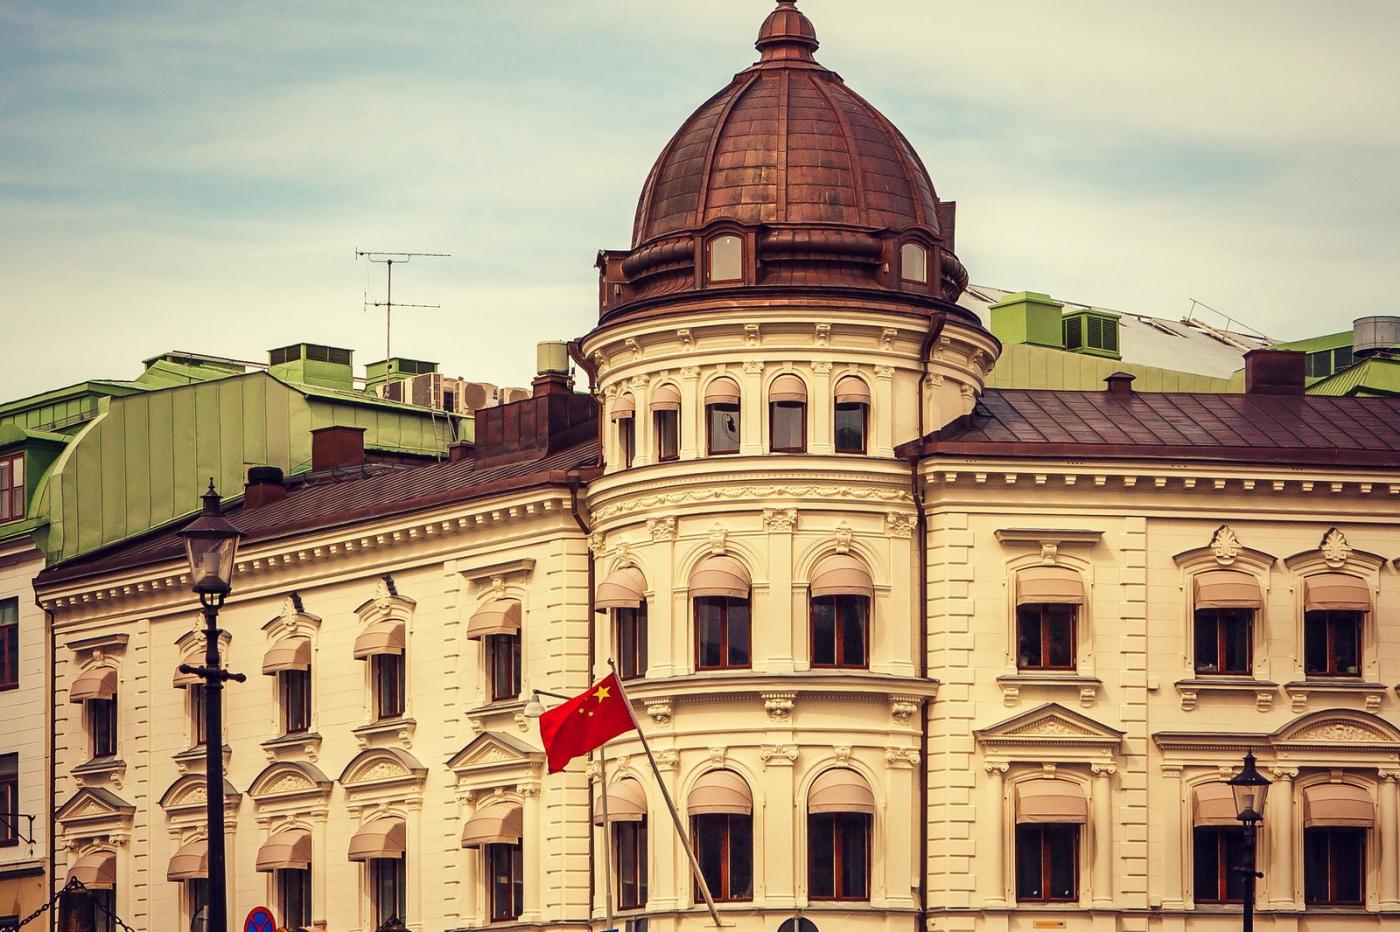 瑞典哥德堡,這幢大廈很特殊_圖1-1